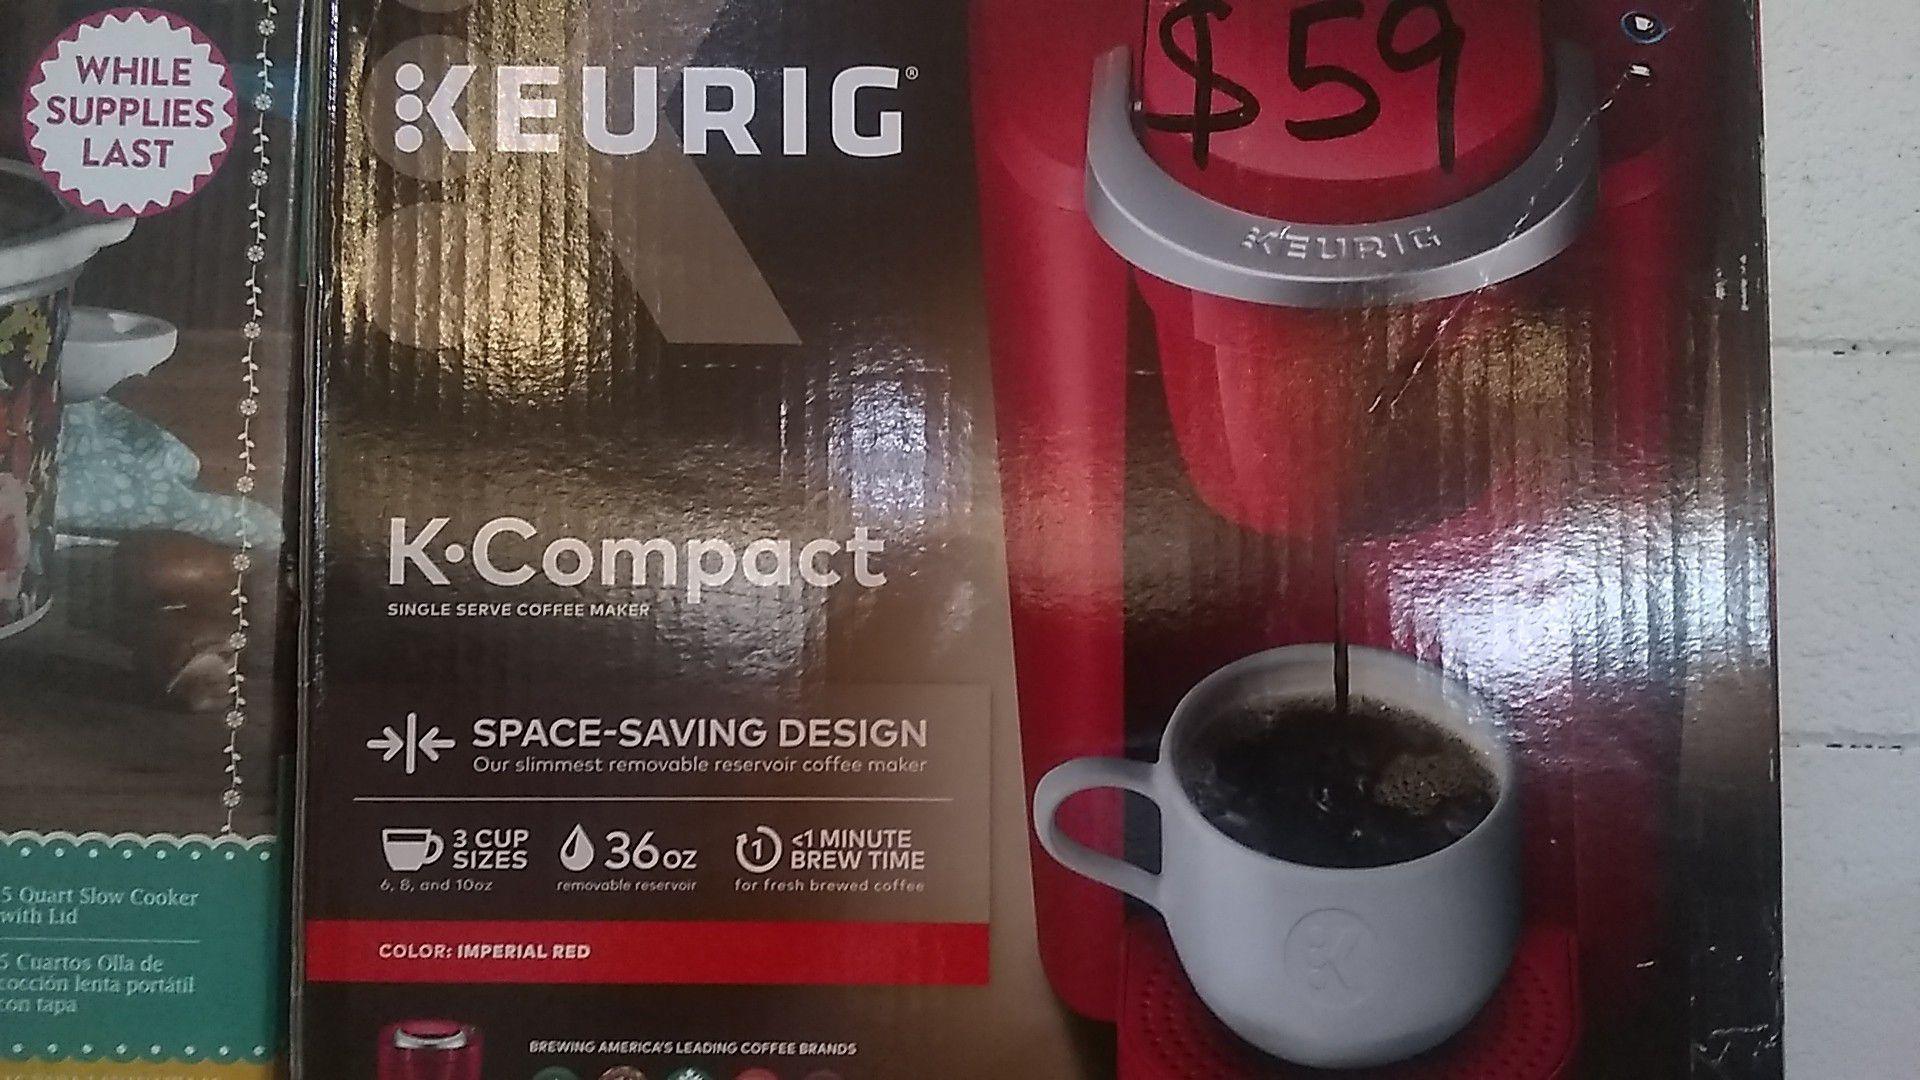 K-Compact Keurig